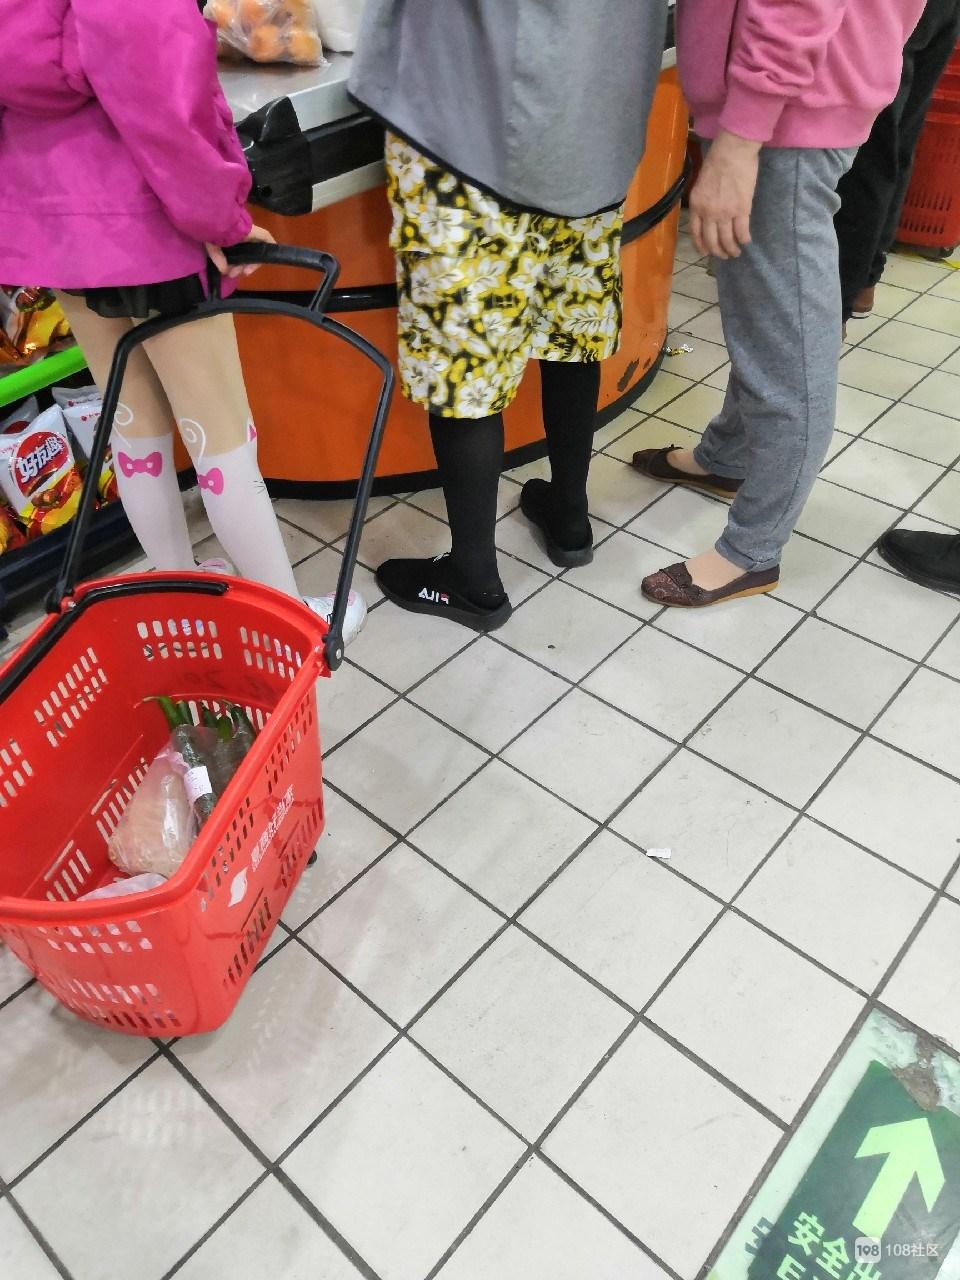 夏商超市惊现骚气帅哥!穿性感黑丝碎花裤,还好不是我亲戚